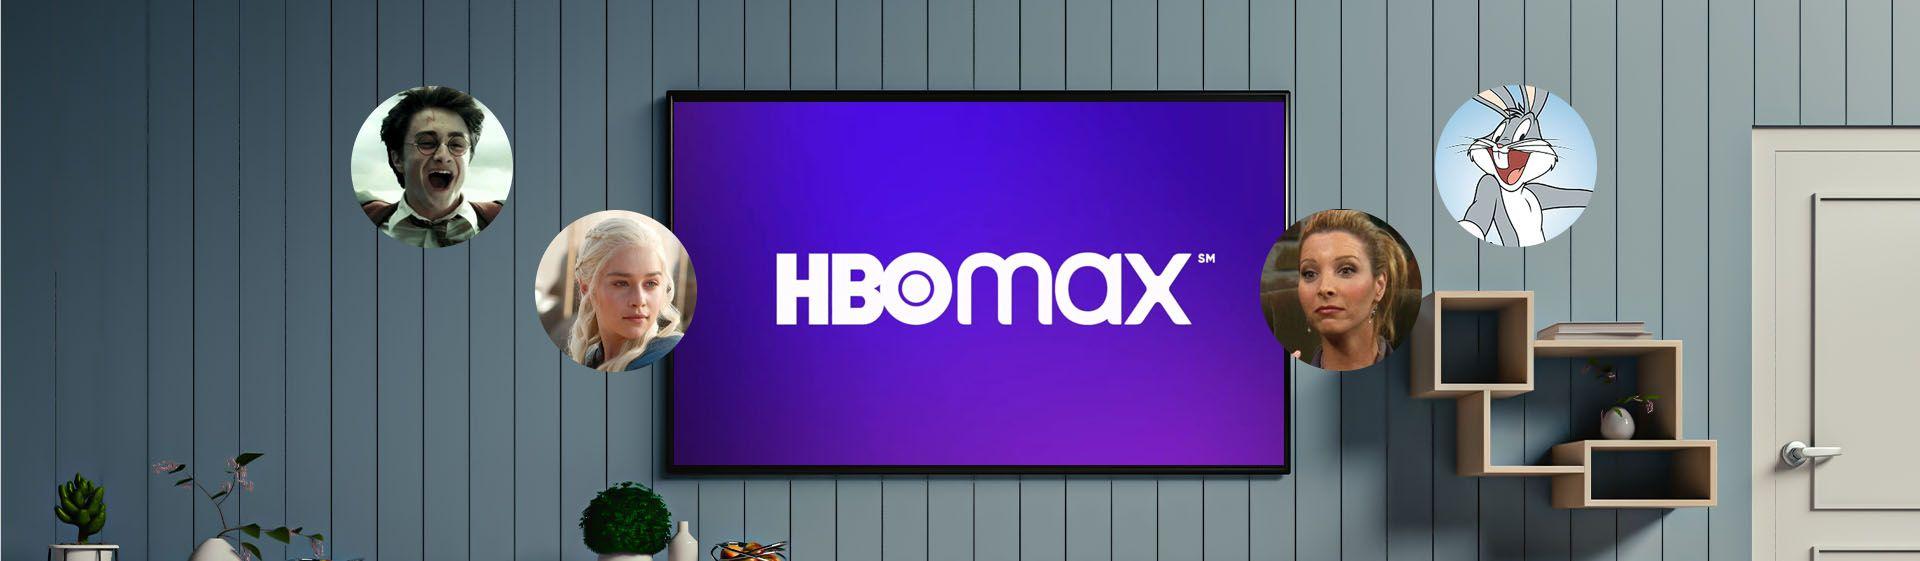 HBO Max Brasil chega no dia 29 de junho: saiba mais sobre o novo streaming